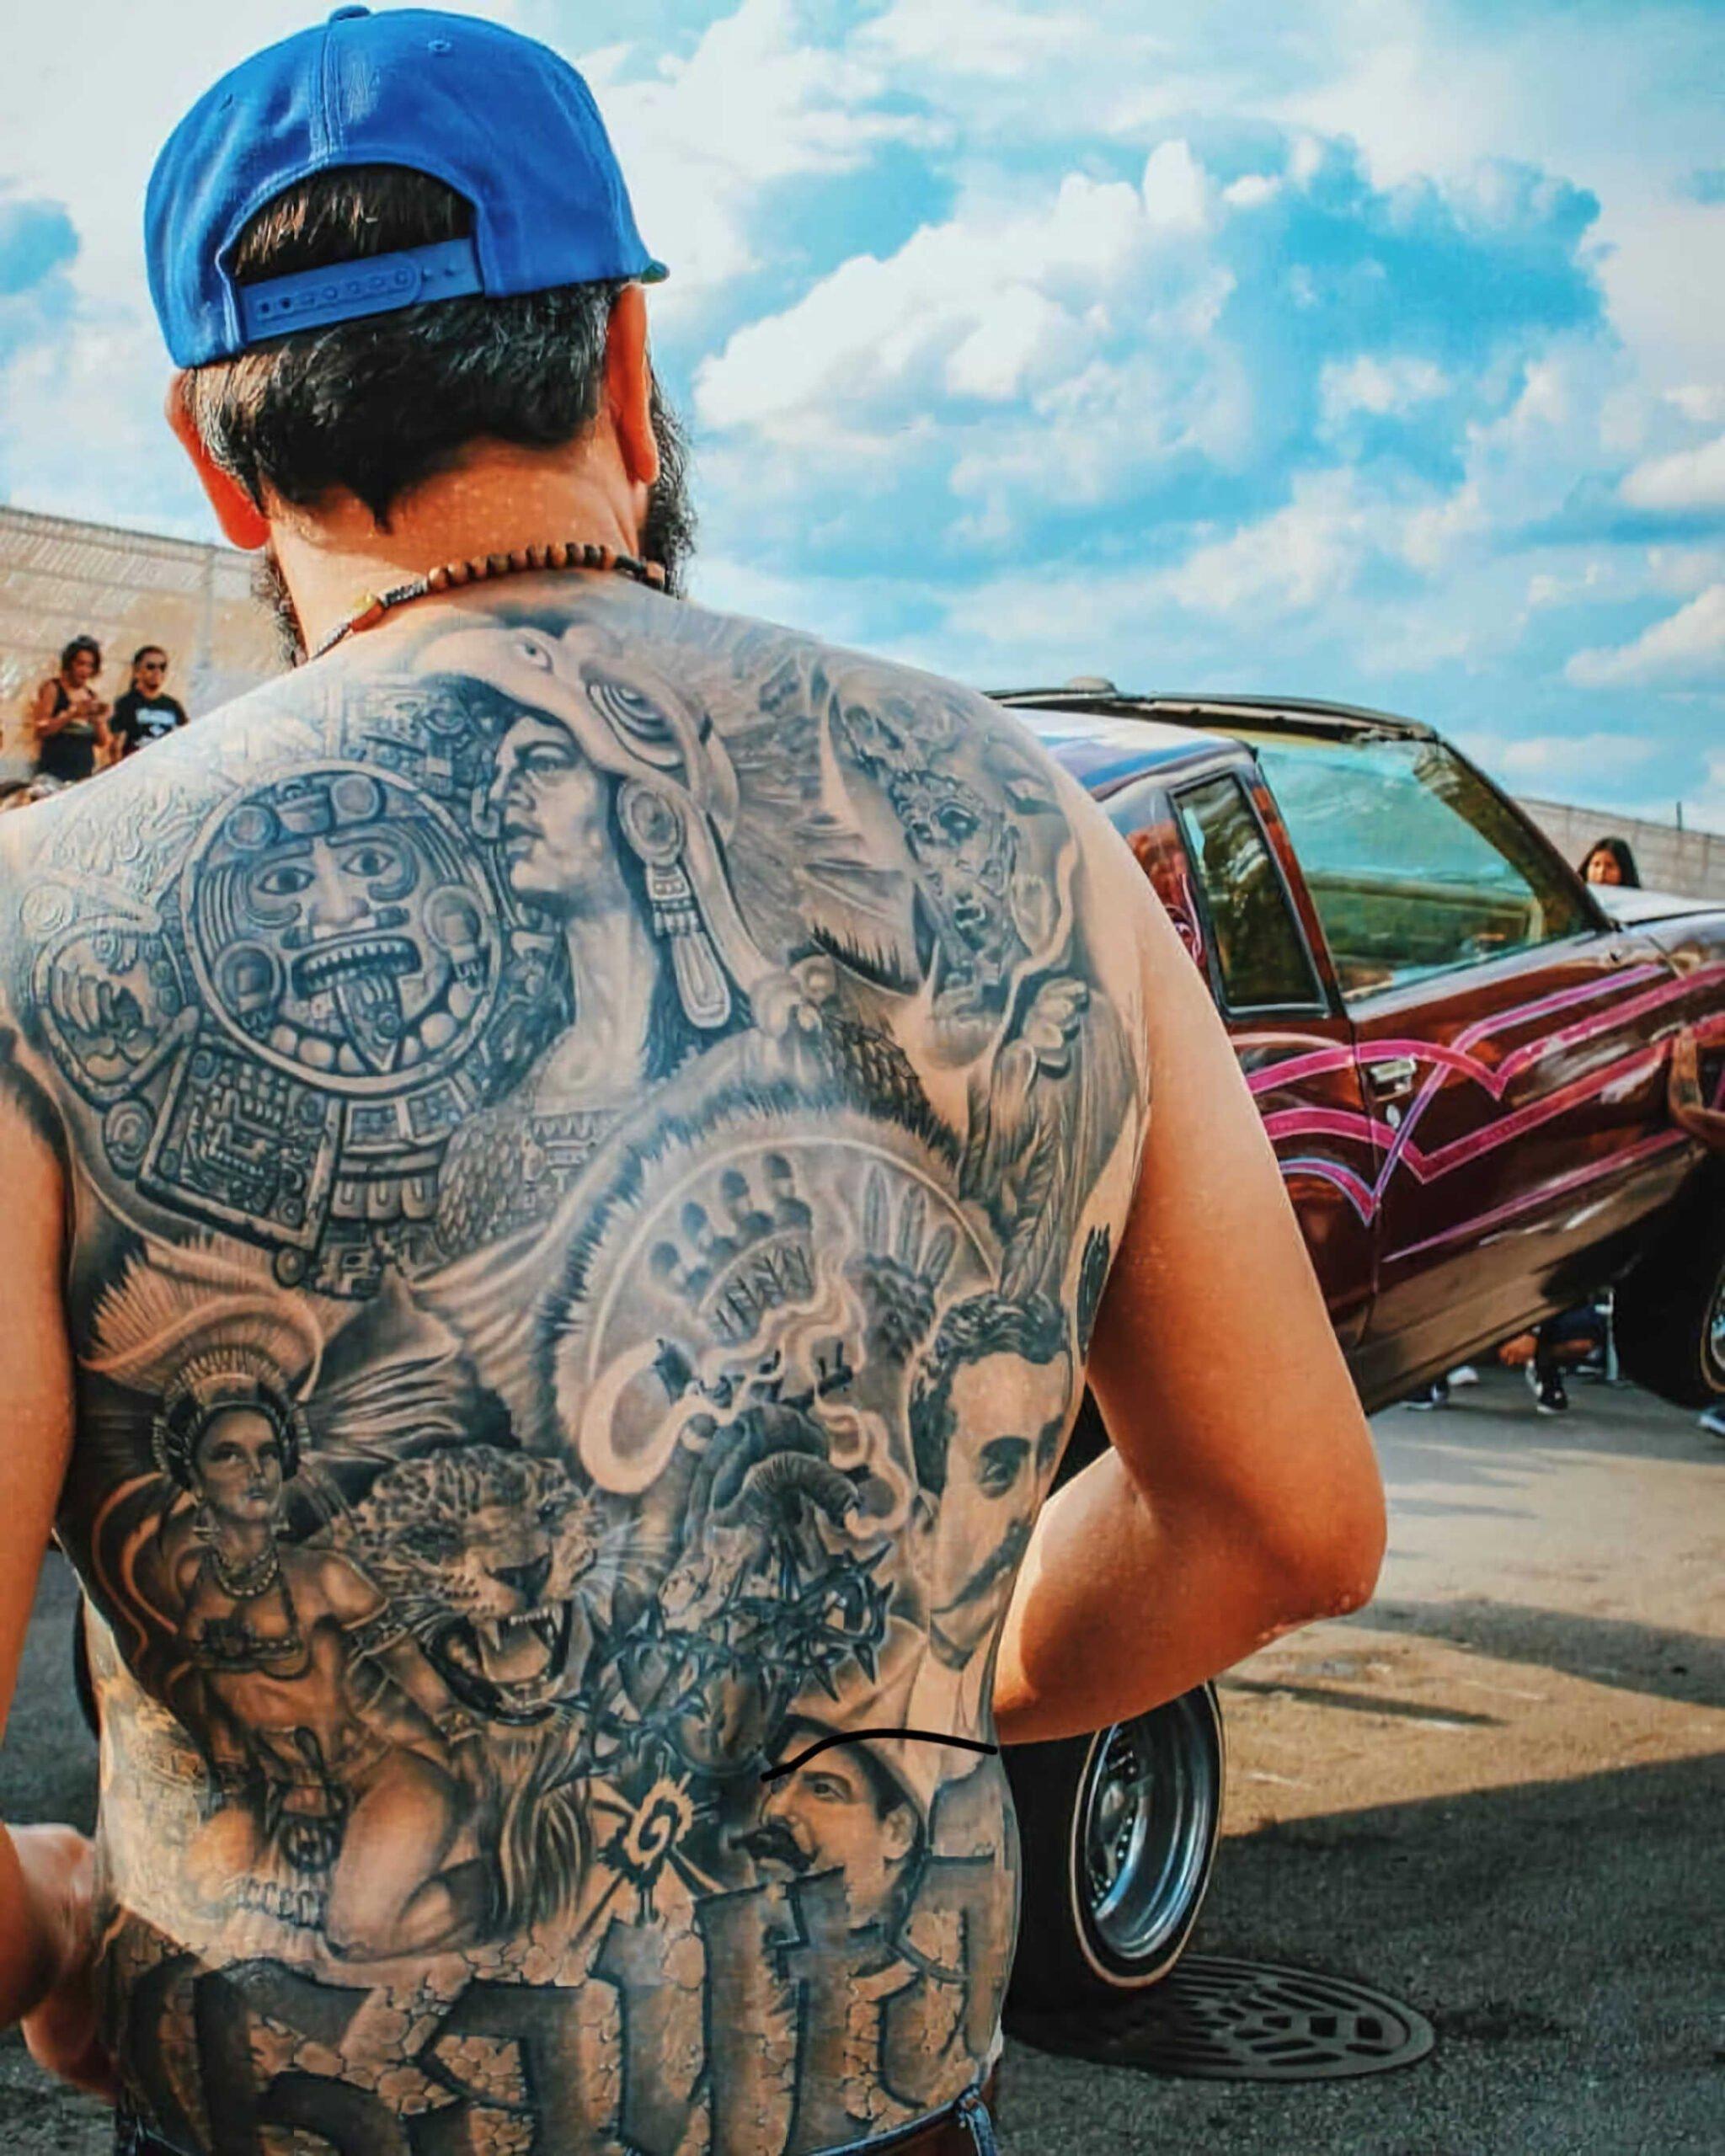 татуировка на спине в стиле чикано